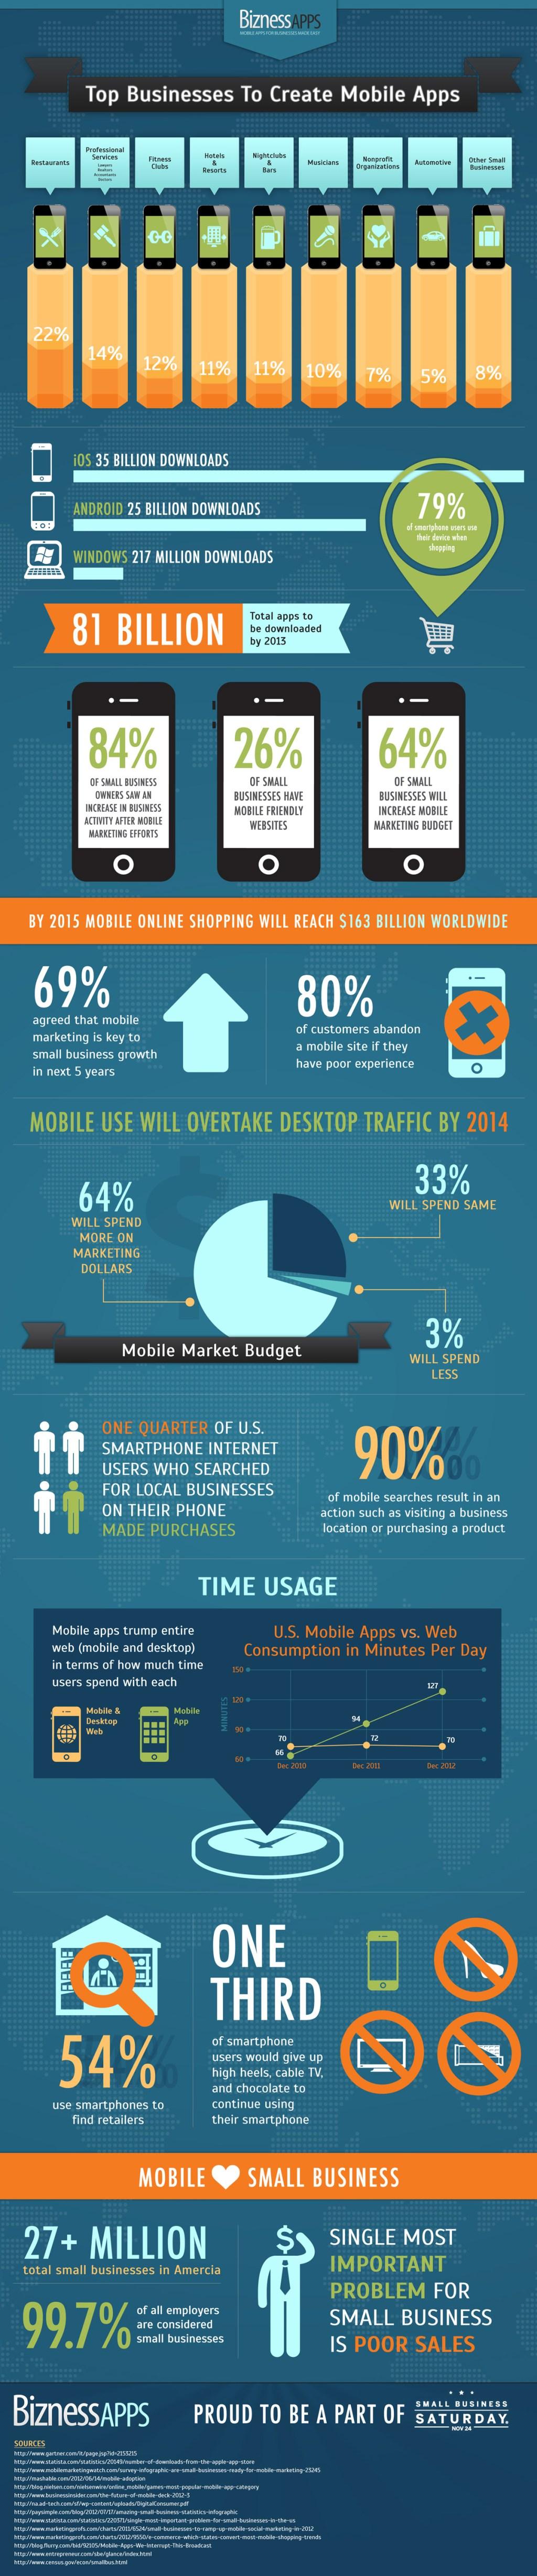 Bizness Apps infographic